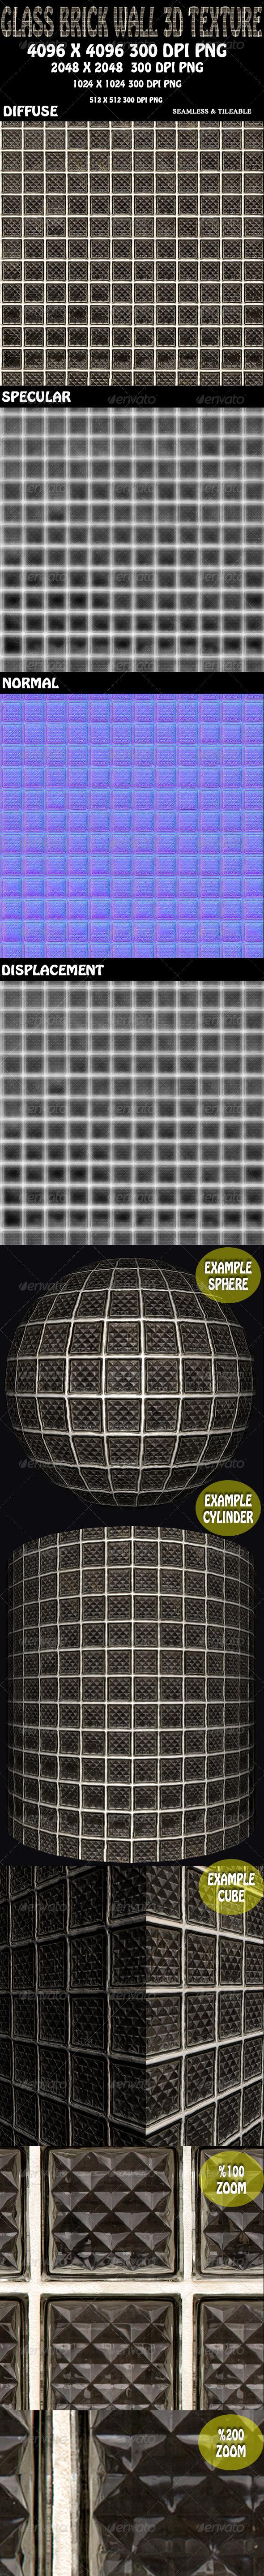 3DOcean Glass Brick Wall 3D Texture 5894111